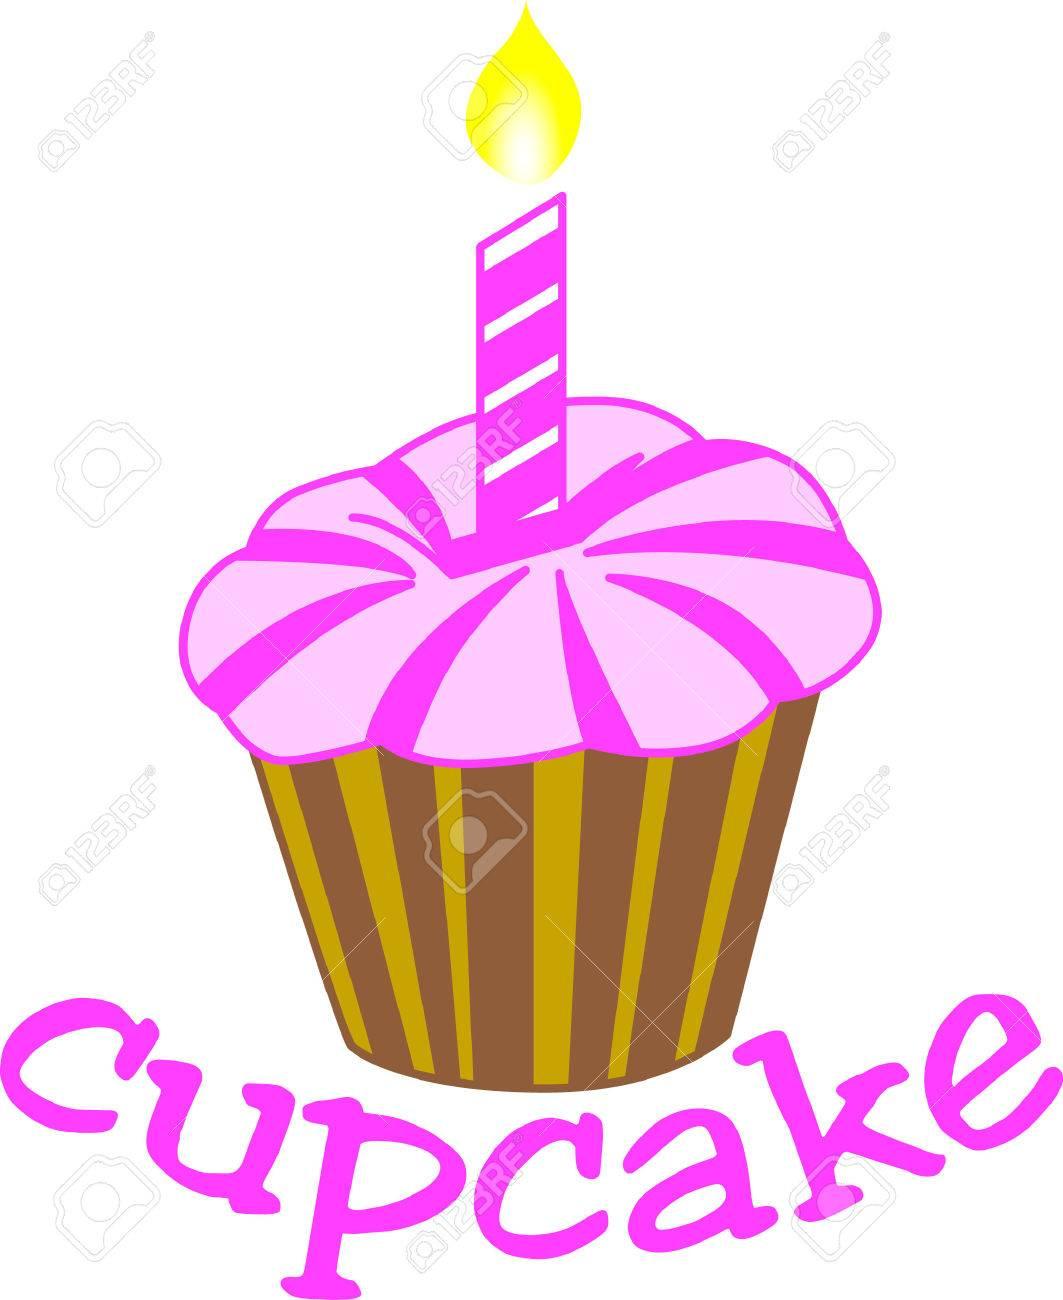 Een Eenvoudige Cupcake Draagt Grote Wensen Voor Een Gelukkige Verjaardag Maak Iets Fantastisch Voor Een Speciale Verjaardag Meisje